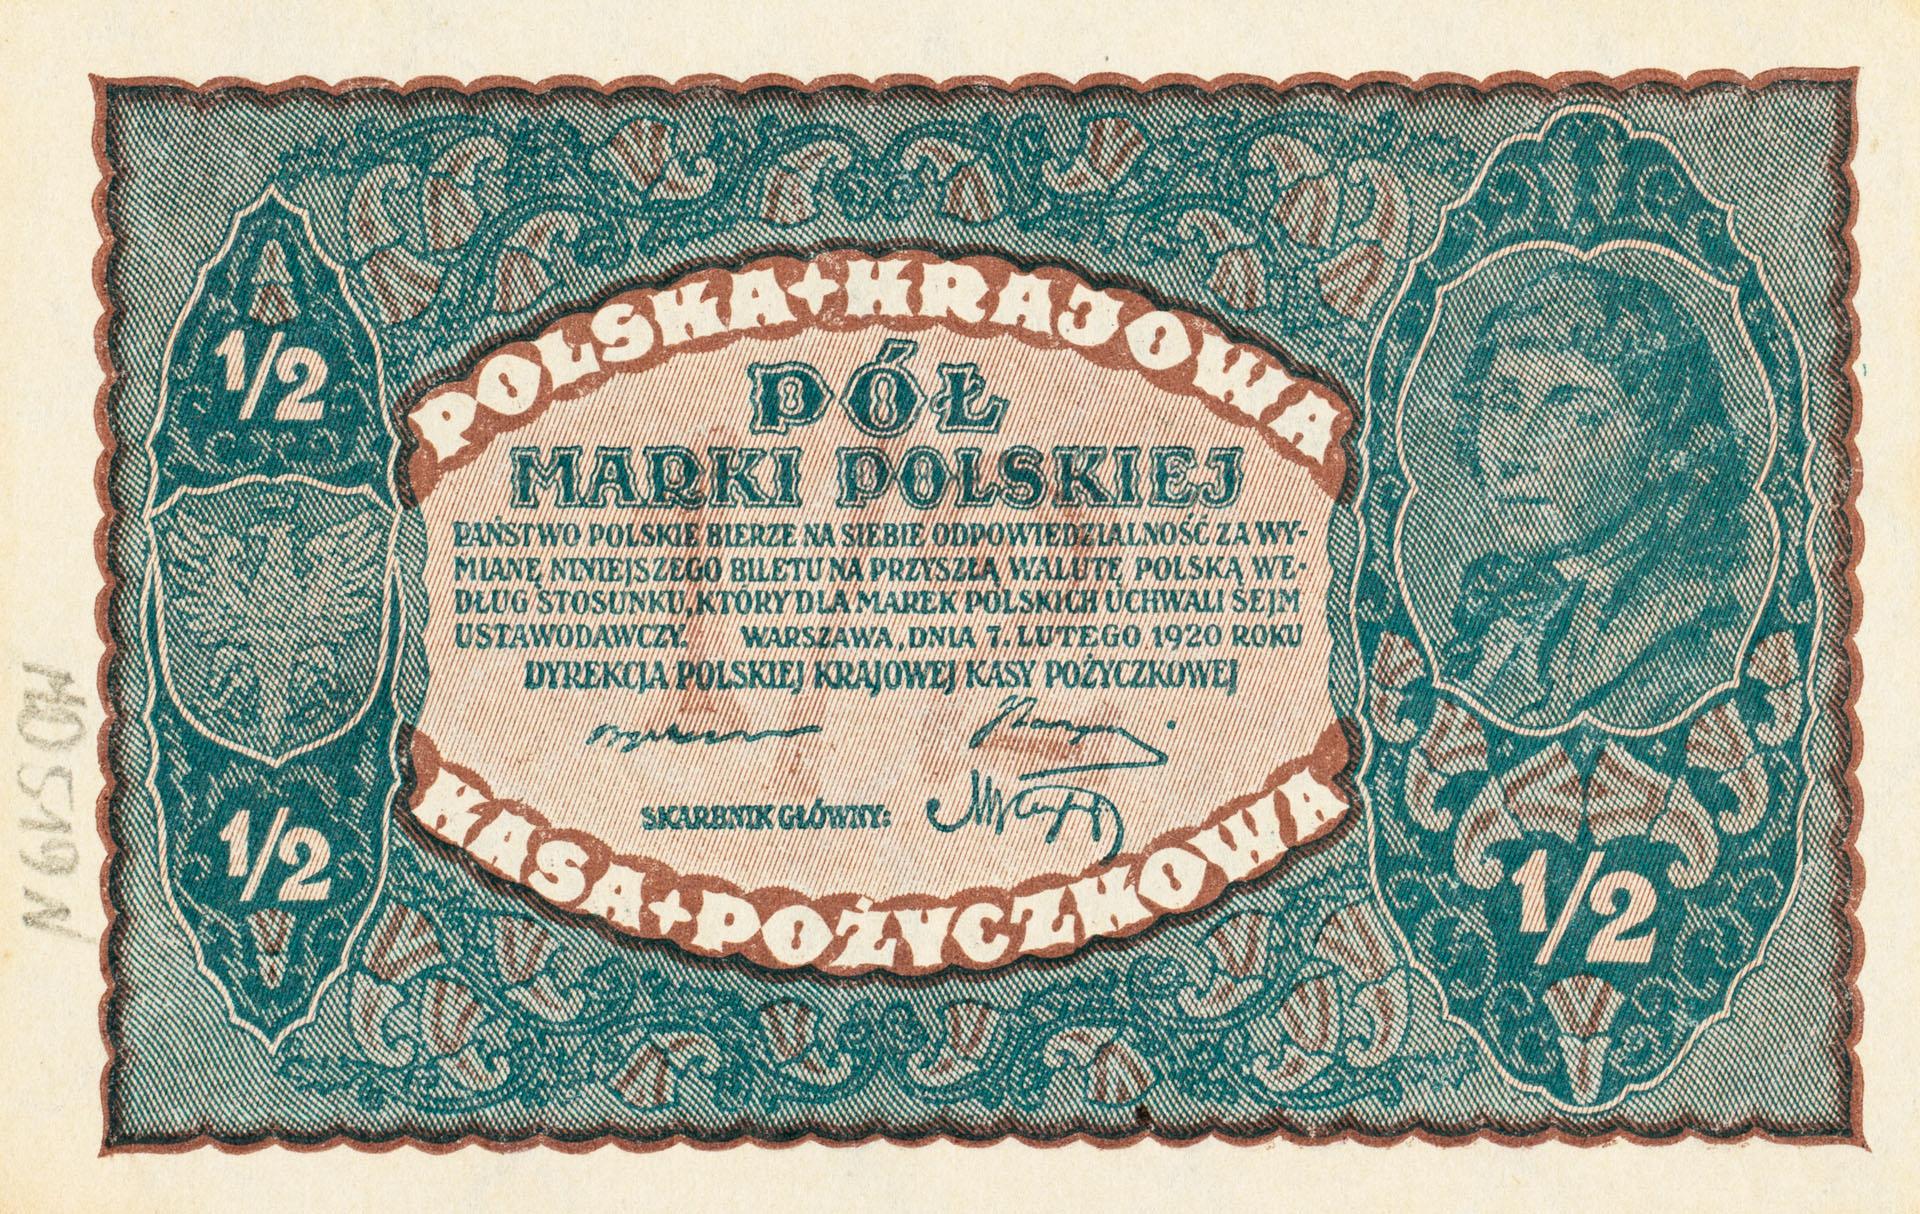 Banknot 1/2 marki polskiej